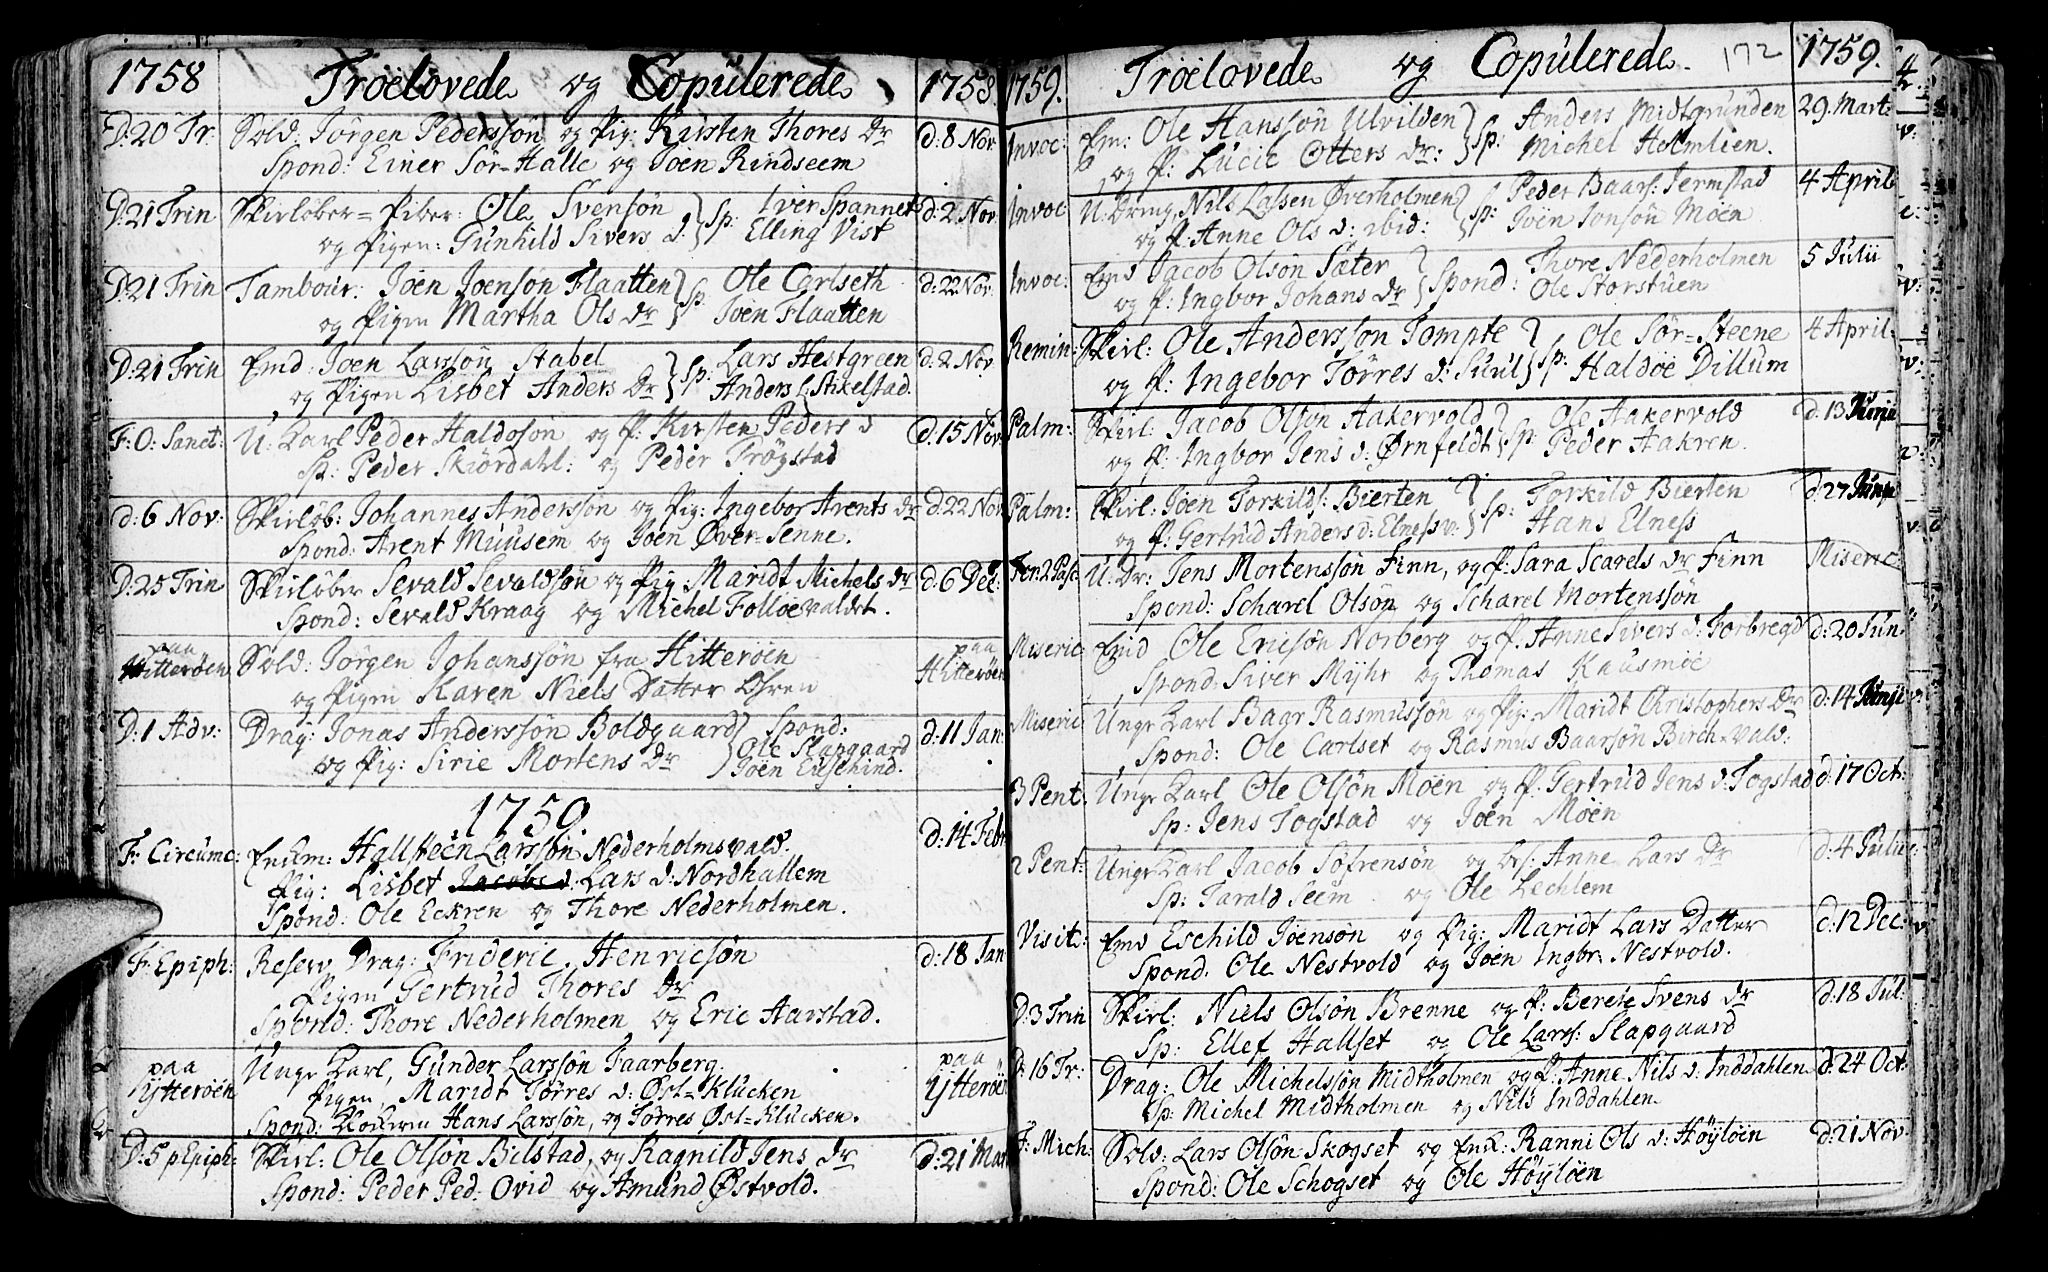 SAT, Ministerialprotokoller, klokkerbøker og fødselsregistre - Nord-Trøndelag, 723/L0231: Ministerialbok nr. 723A02, 1748-1780, s. 172